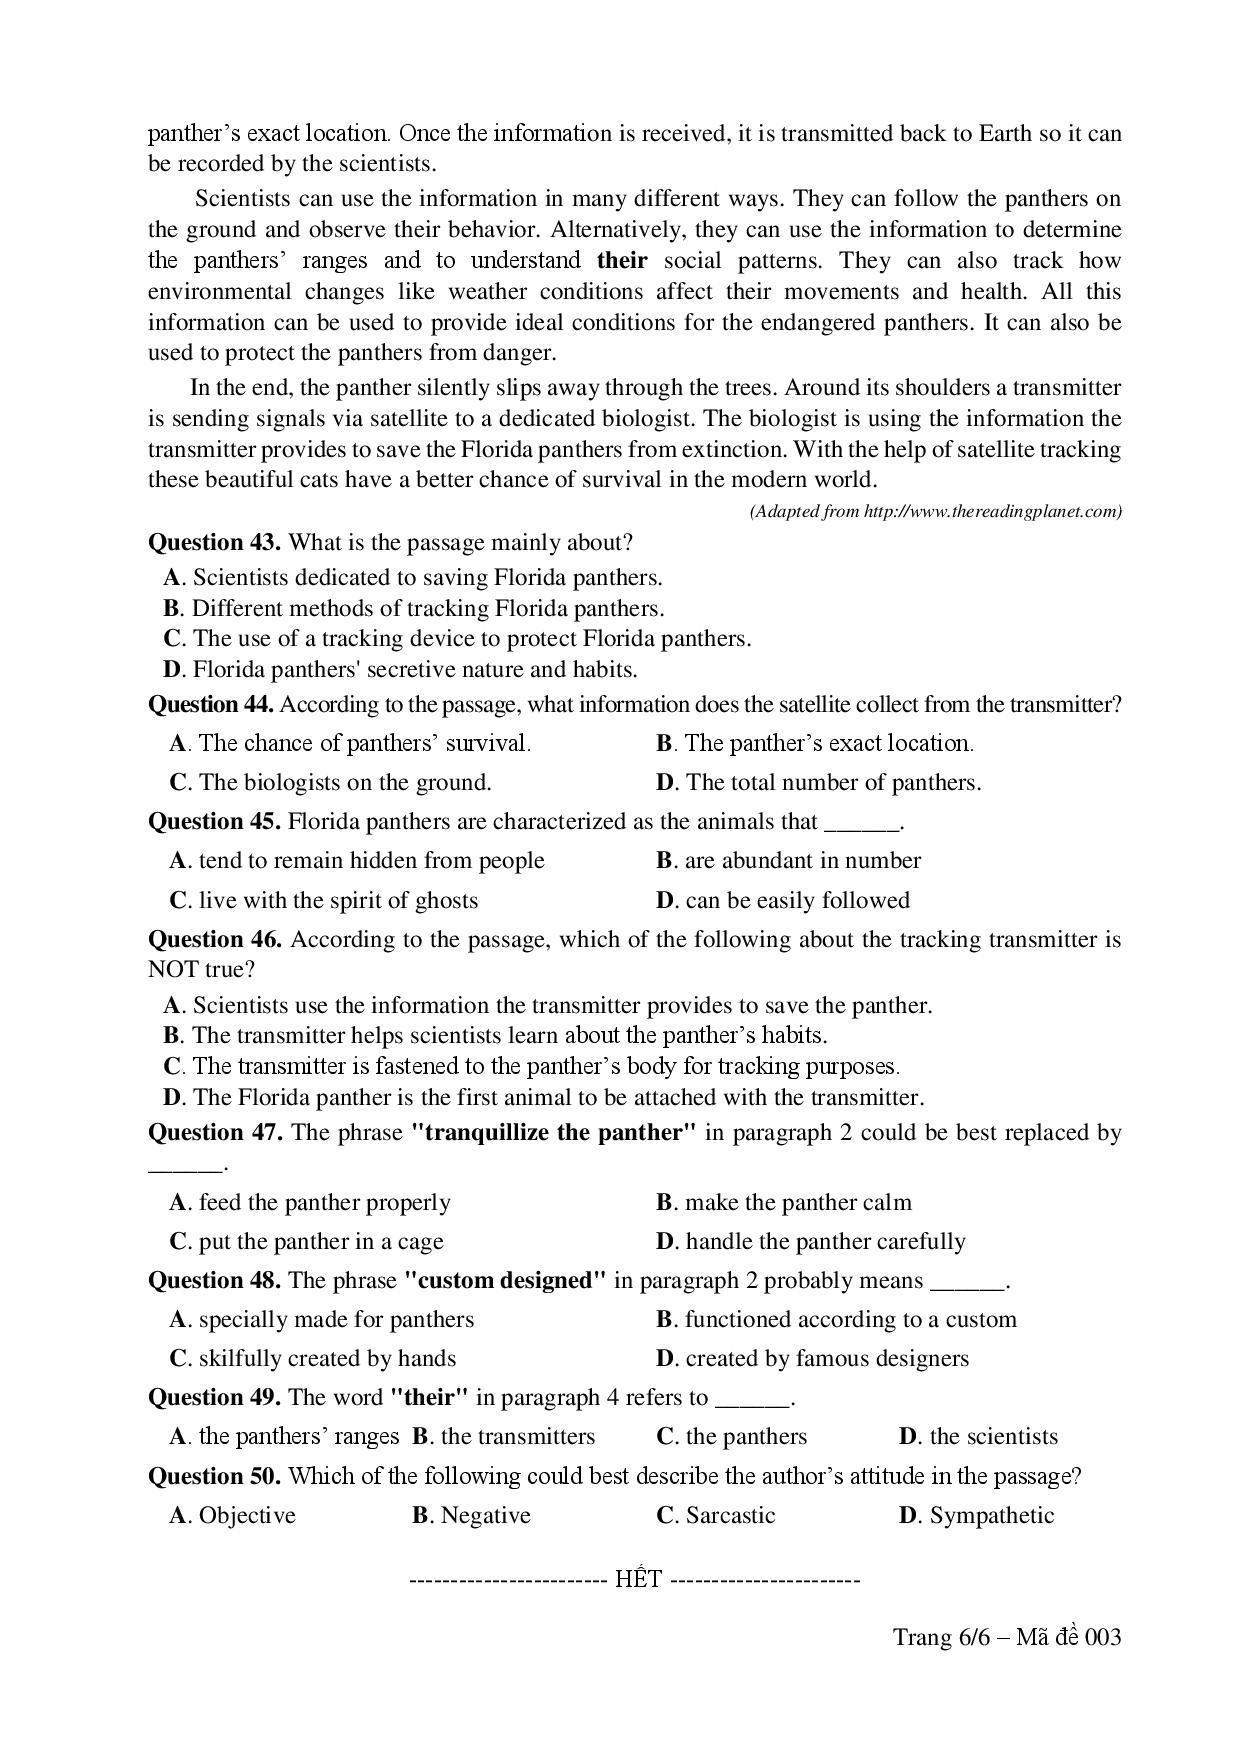 Đề thi tham khảo môn Tiếng Anh kỳ thi THPT quốc gia 2017